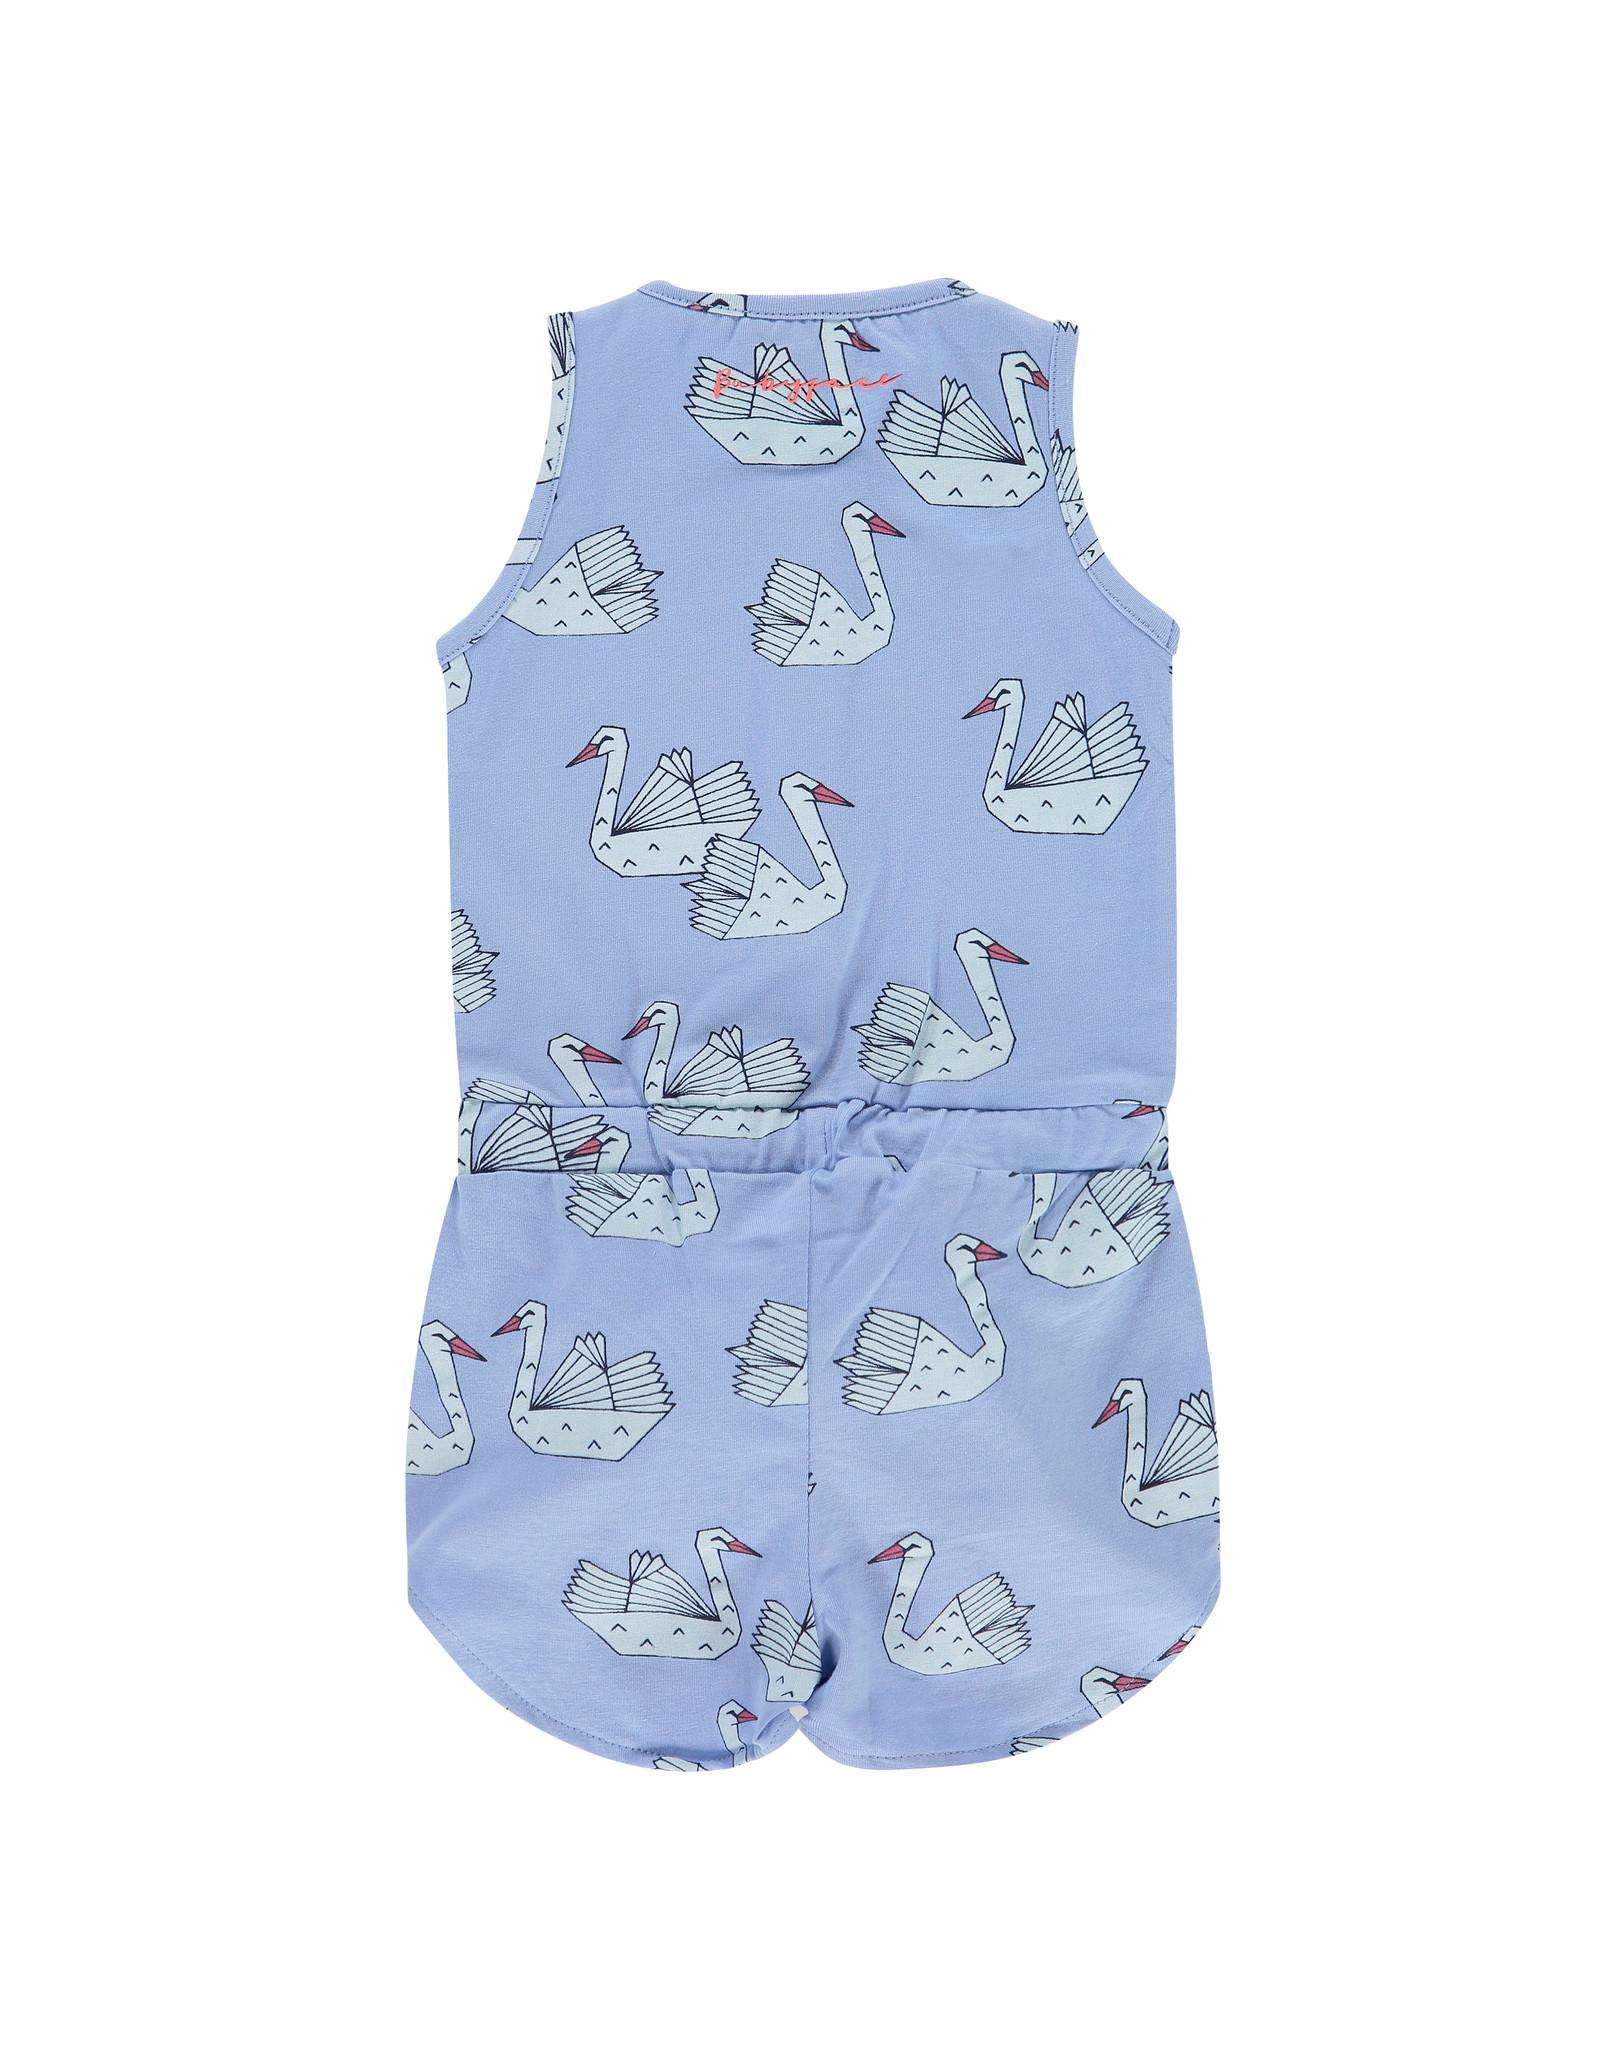 Babyface girls jumpsuit, lavender blue, BBE21208746